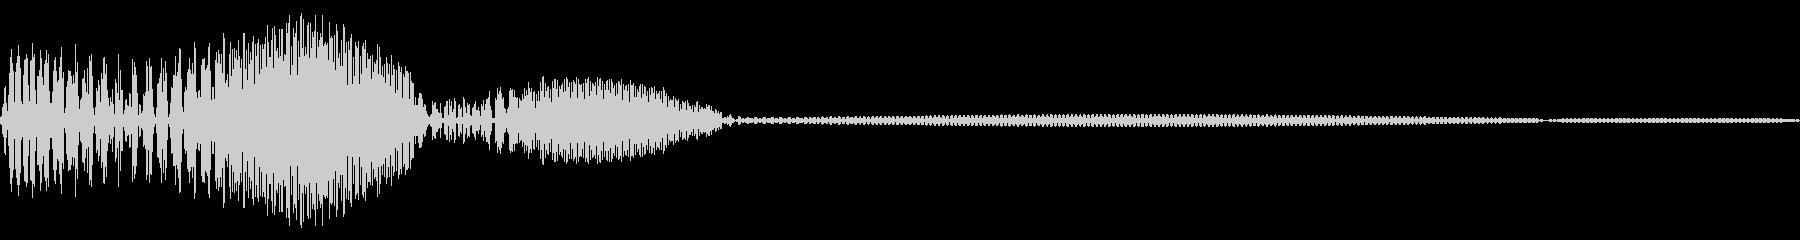 ビープ音が鳴る20の未再生の波形